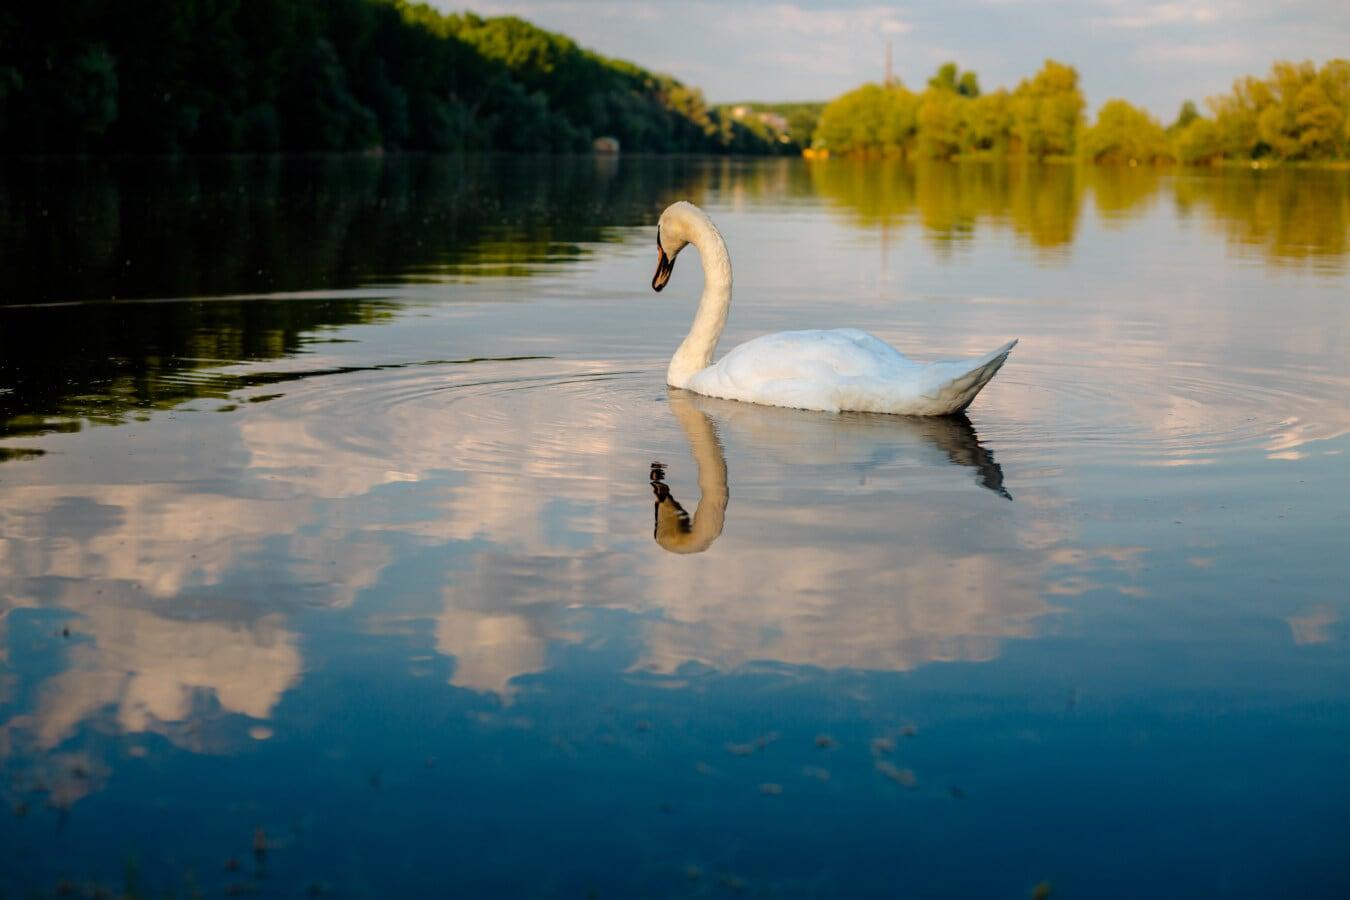 oiseau, jeune, cygne, seul, eau, réflexion, Lac, nature, rivière, aube